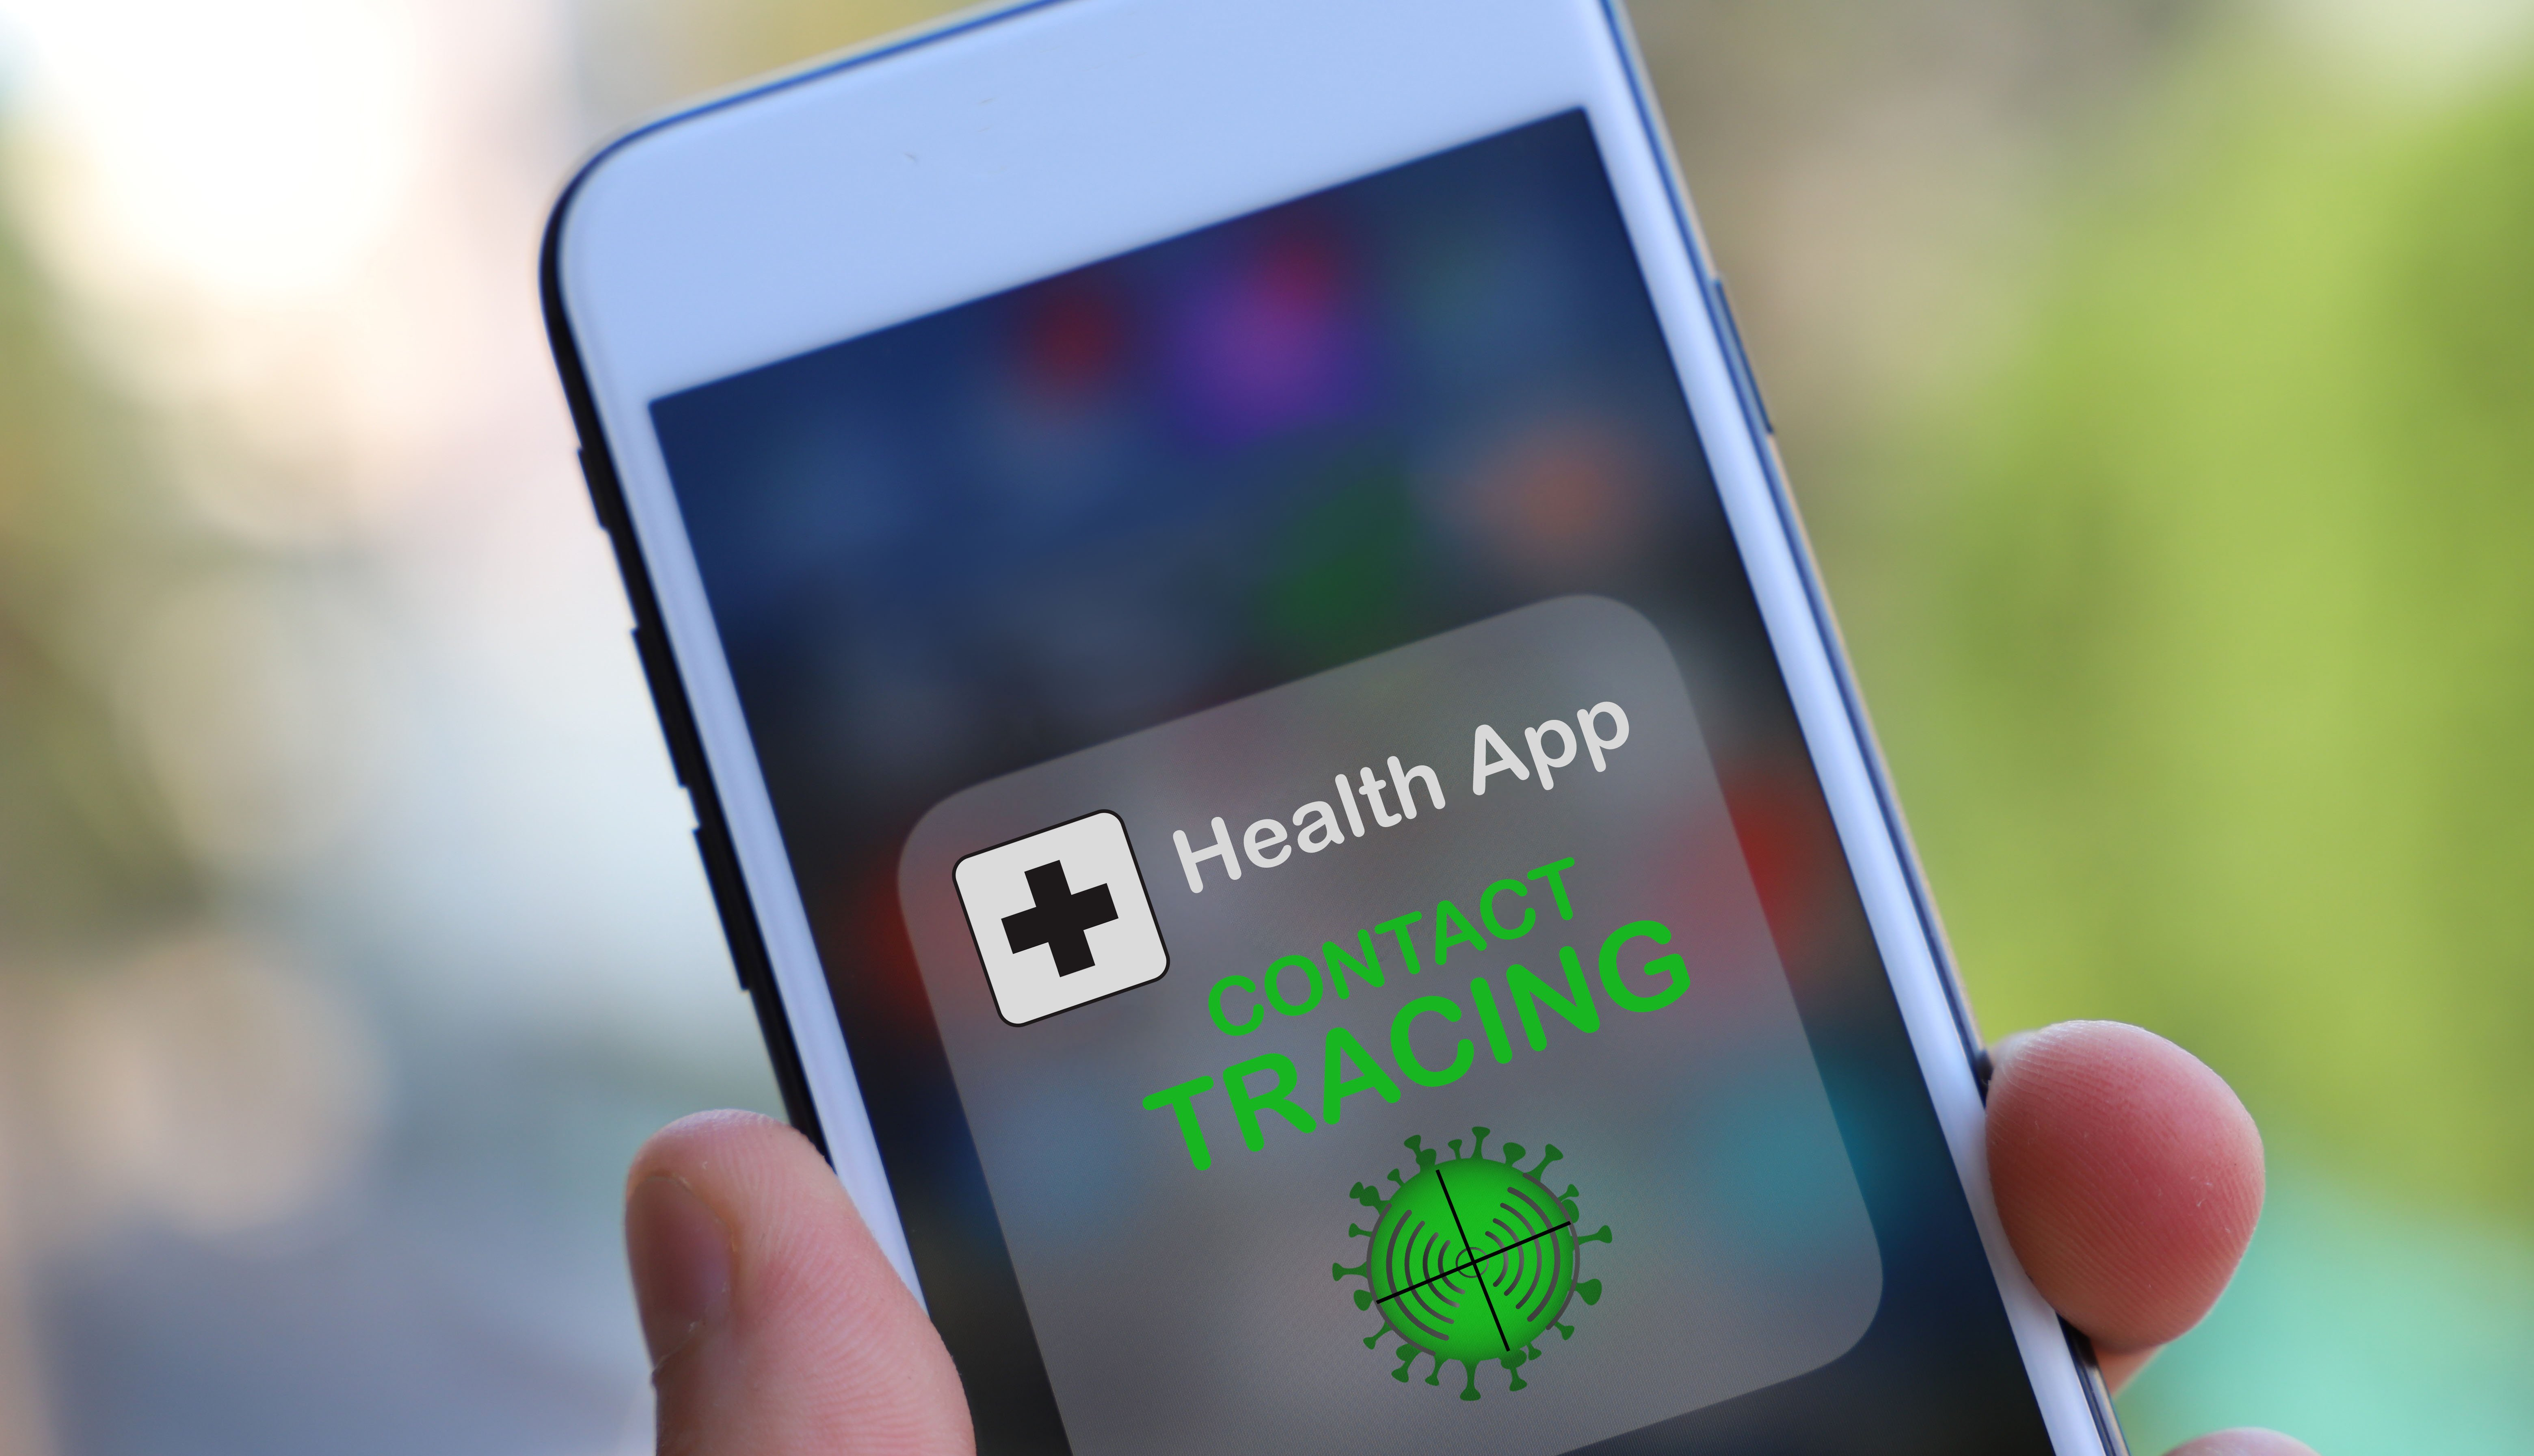 Mano sostiene un teléfono inteligente con una aplicación de salud que rastrea a los individuos que la tengan en su teléfono